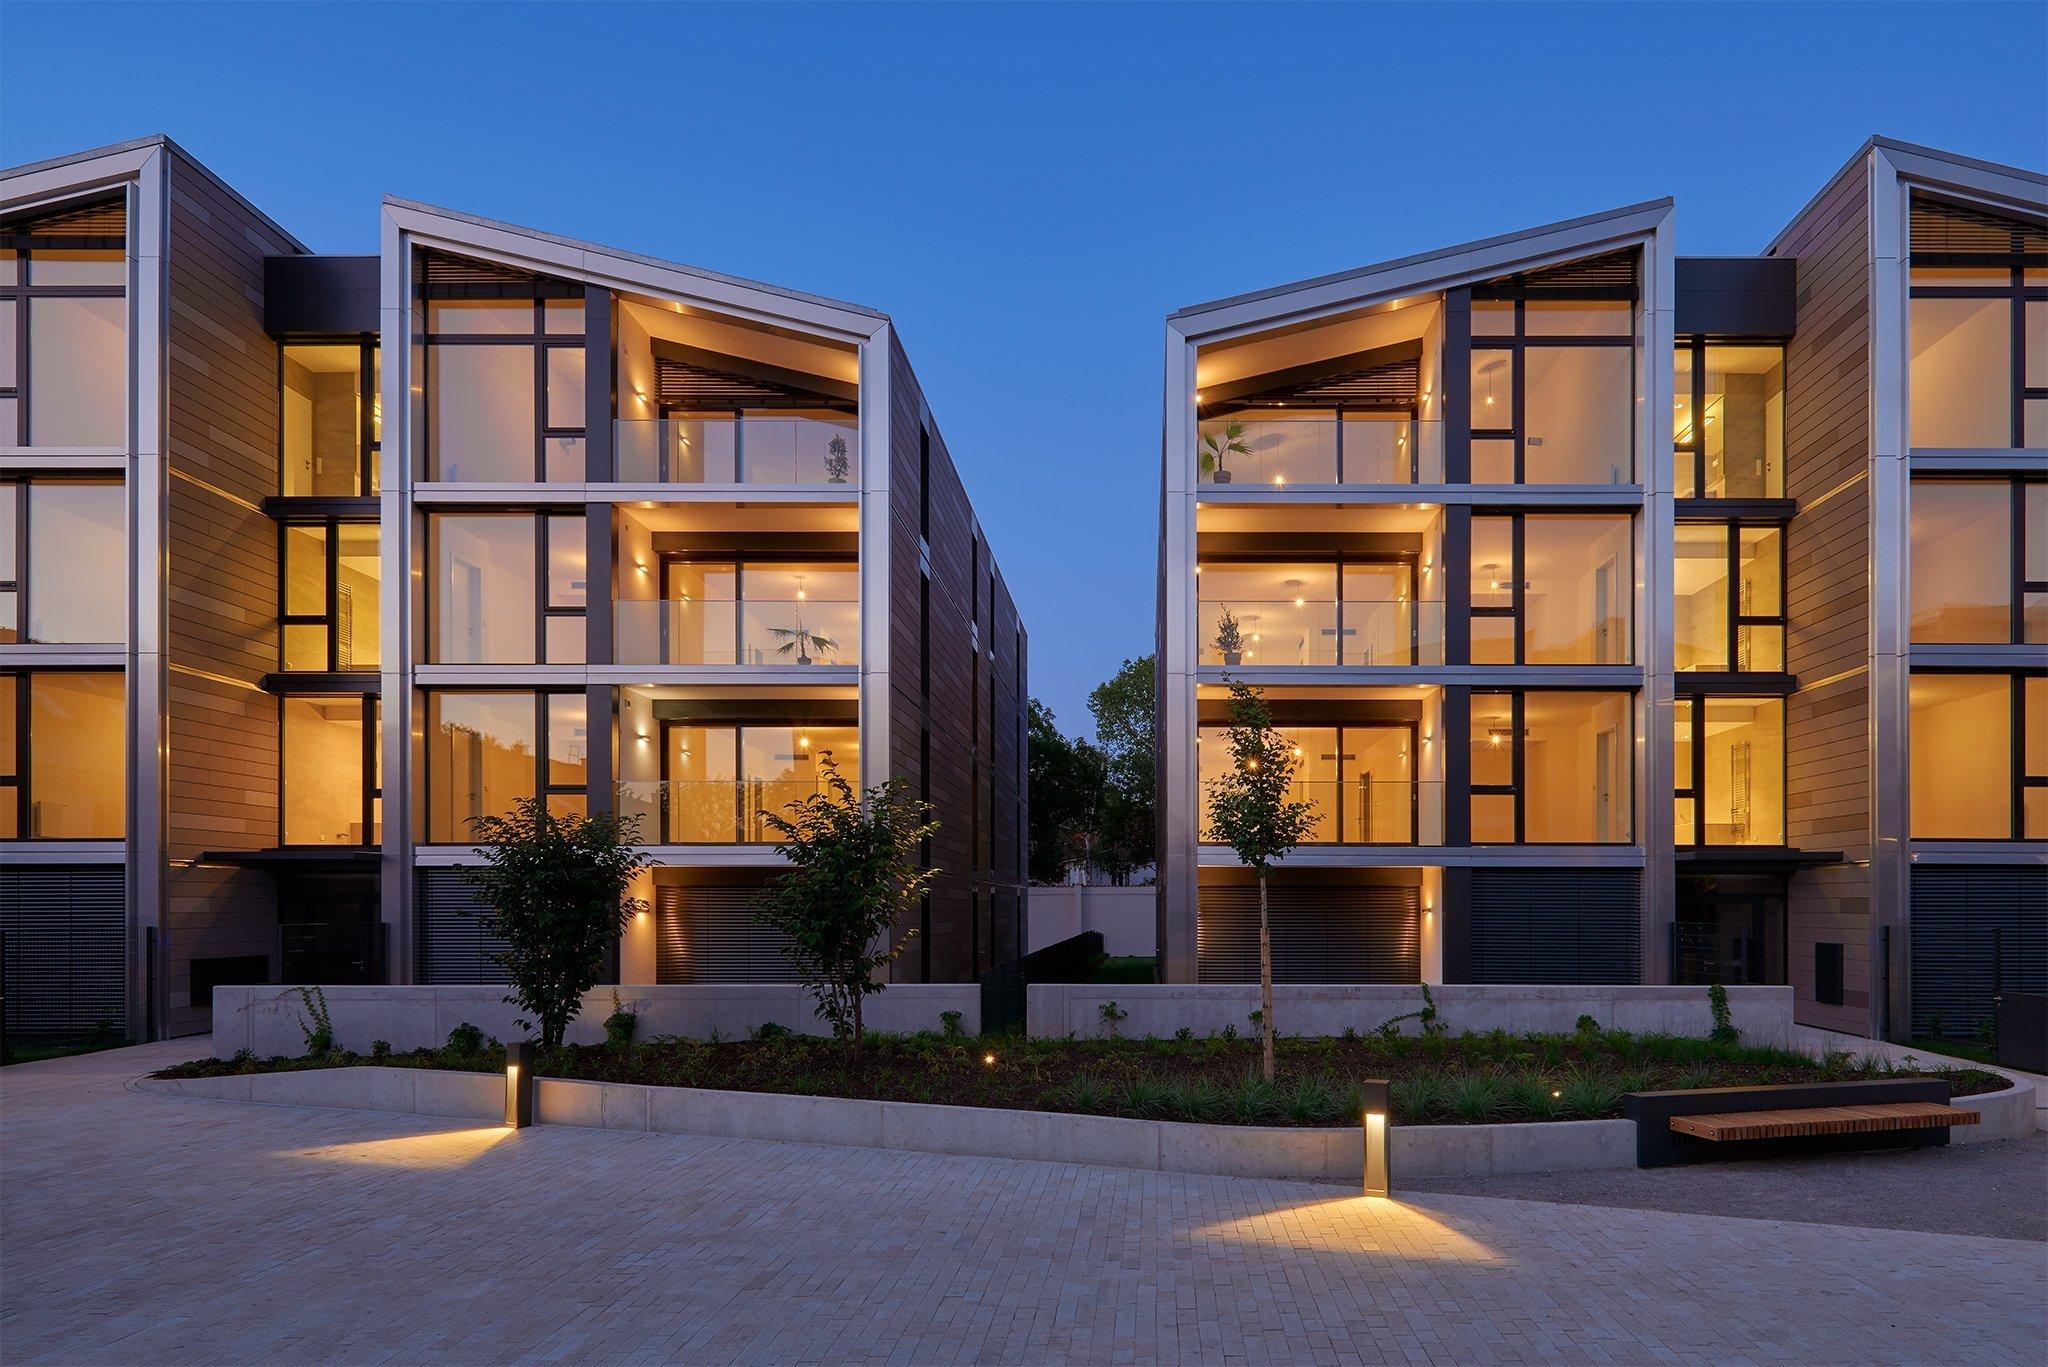 Projekt situovaný poblíž přírodní rezervace Divoká Šárka nabídne reprezentativní byty v kompletně zrekonstruované barokní budově a další bytové jednotky v pěti…